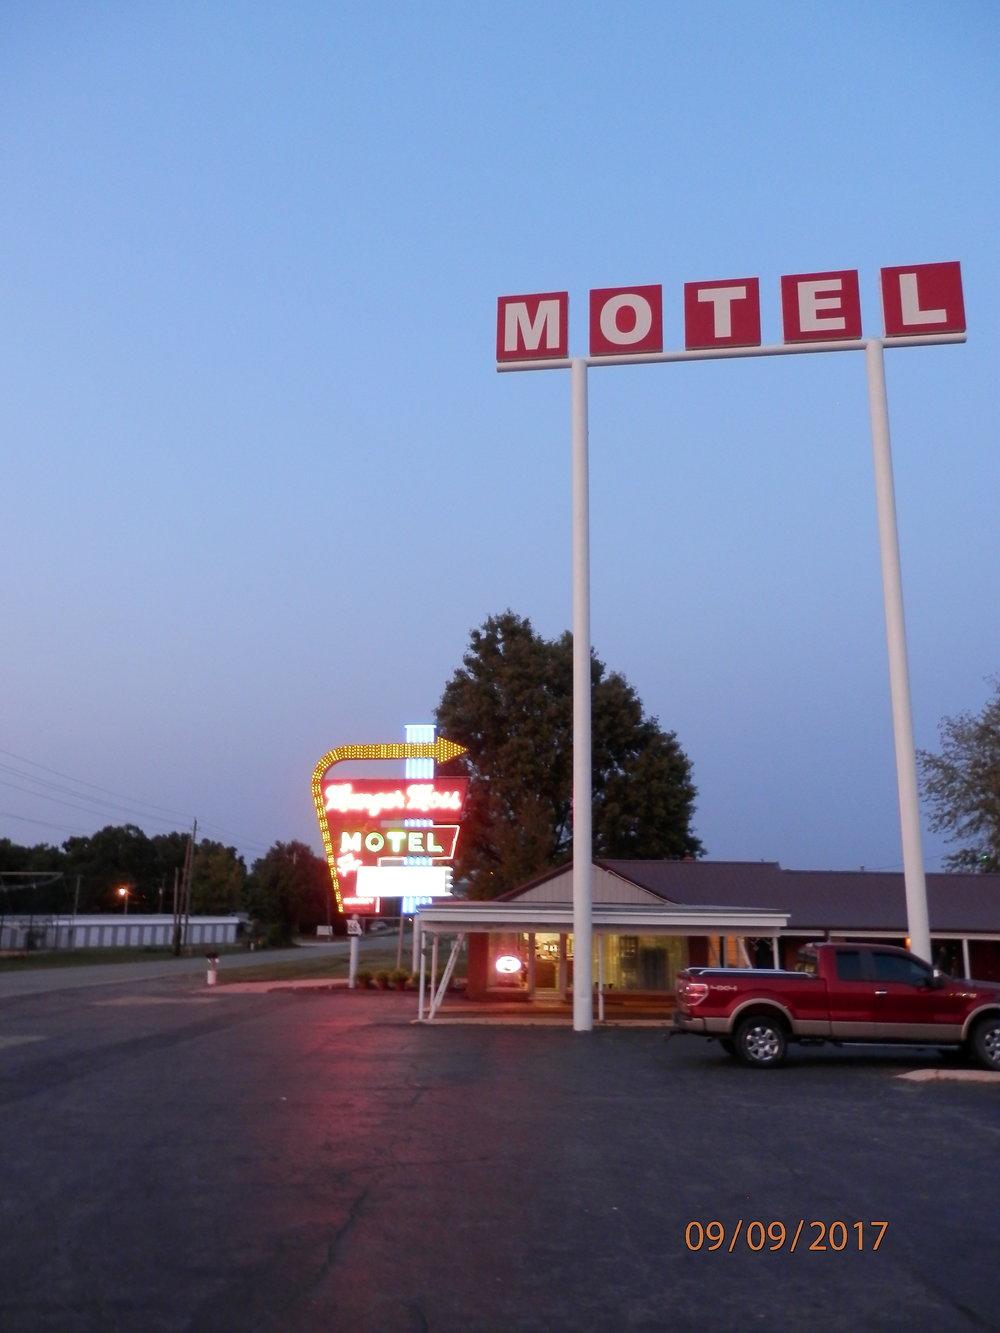 Moottoripyörät ja motelli hiljenee yöksi.